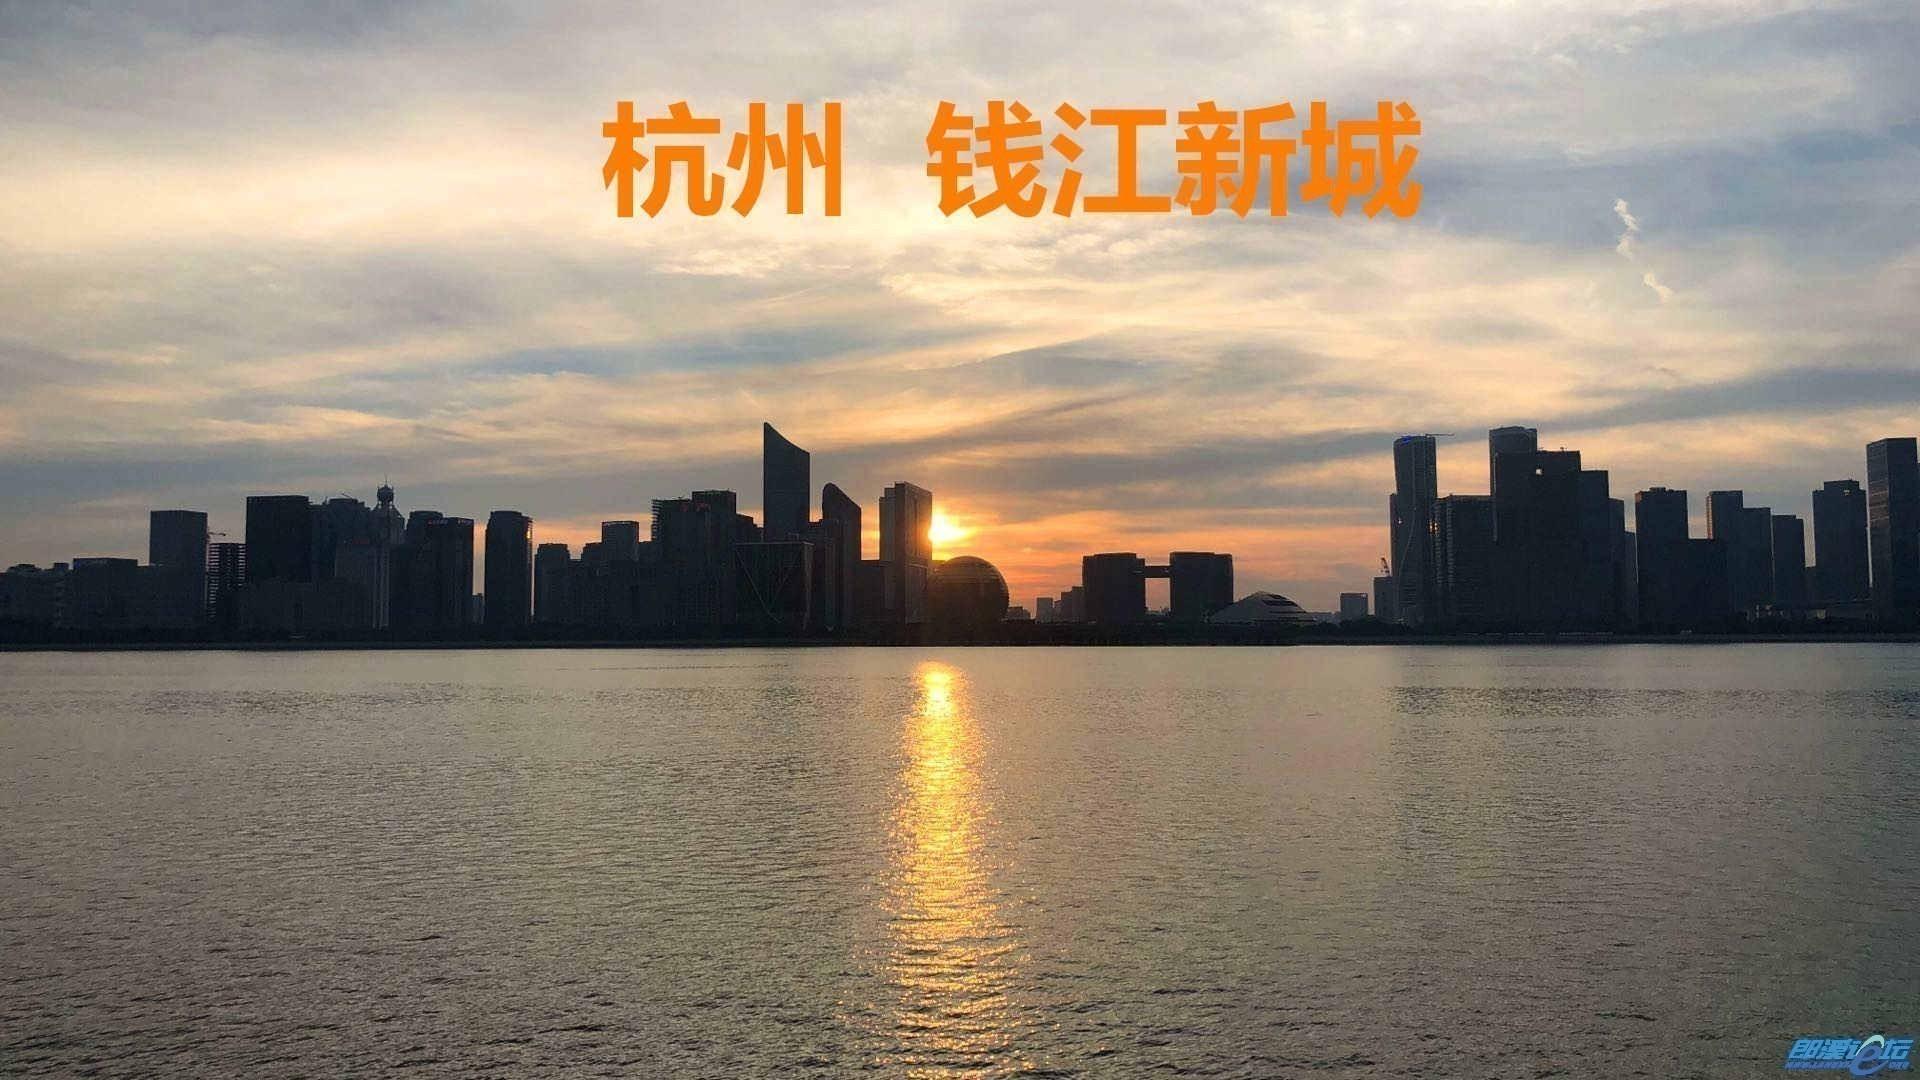 震撼!杭州钱江新城~灯光秀简直太美了!